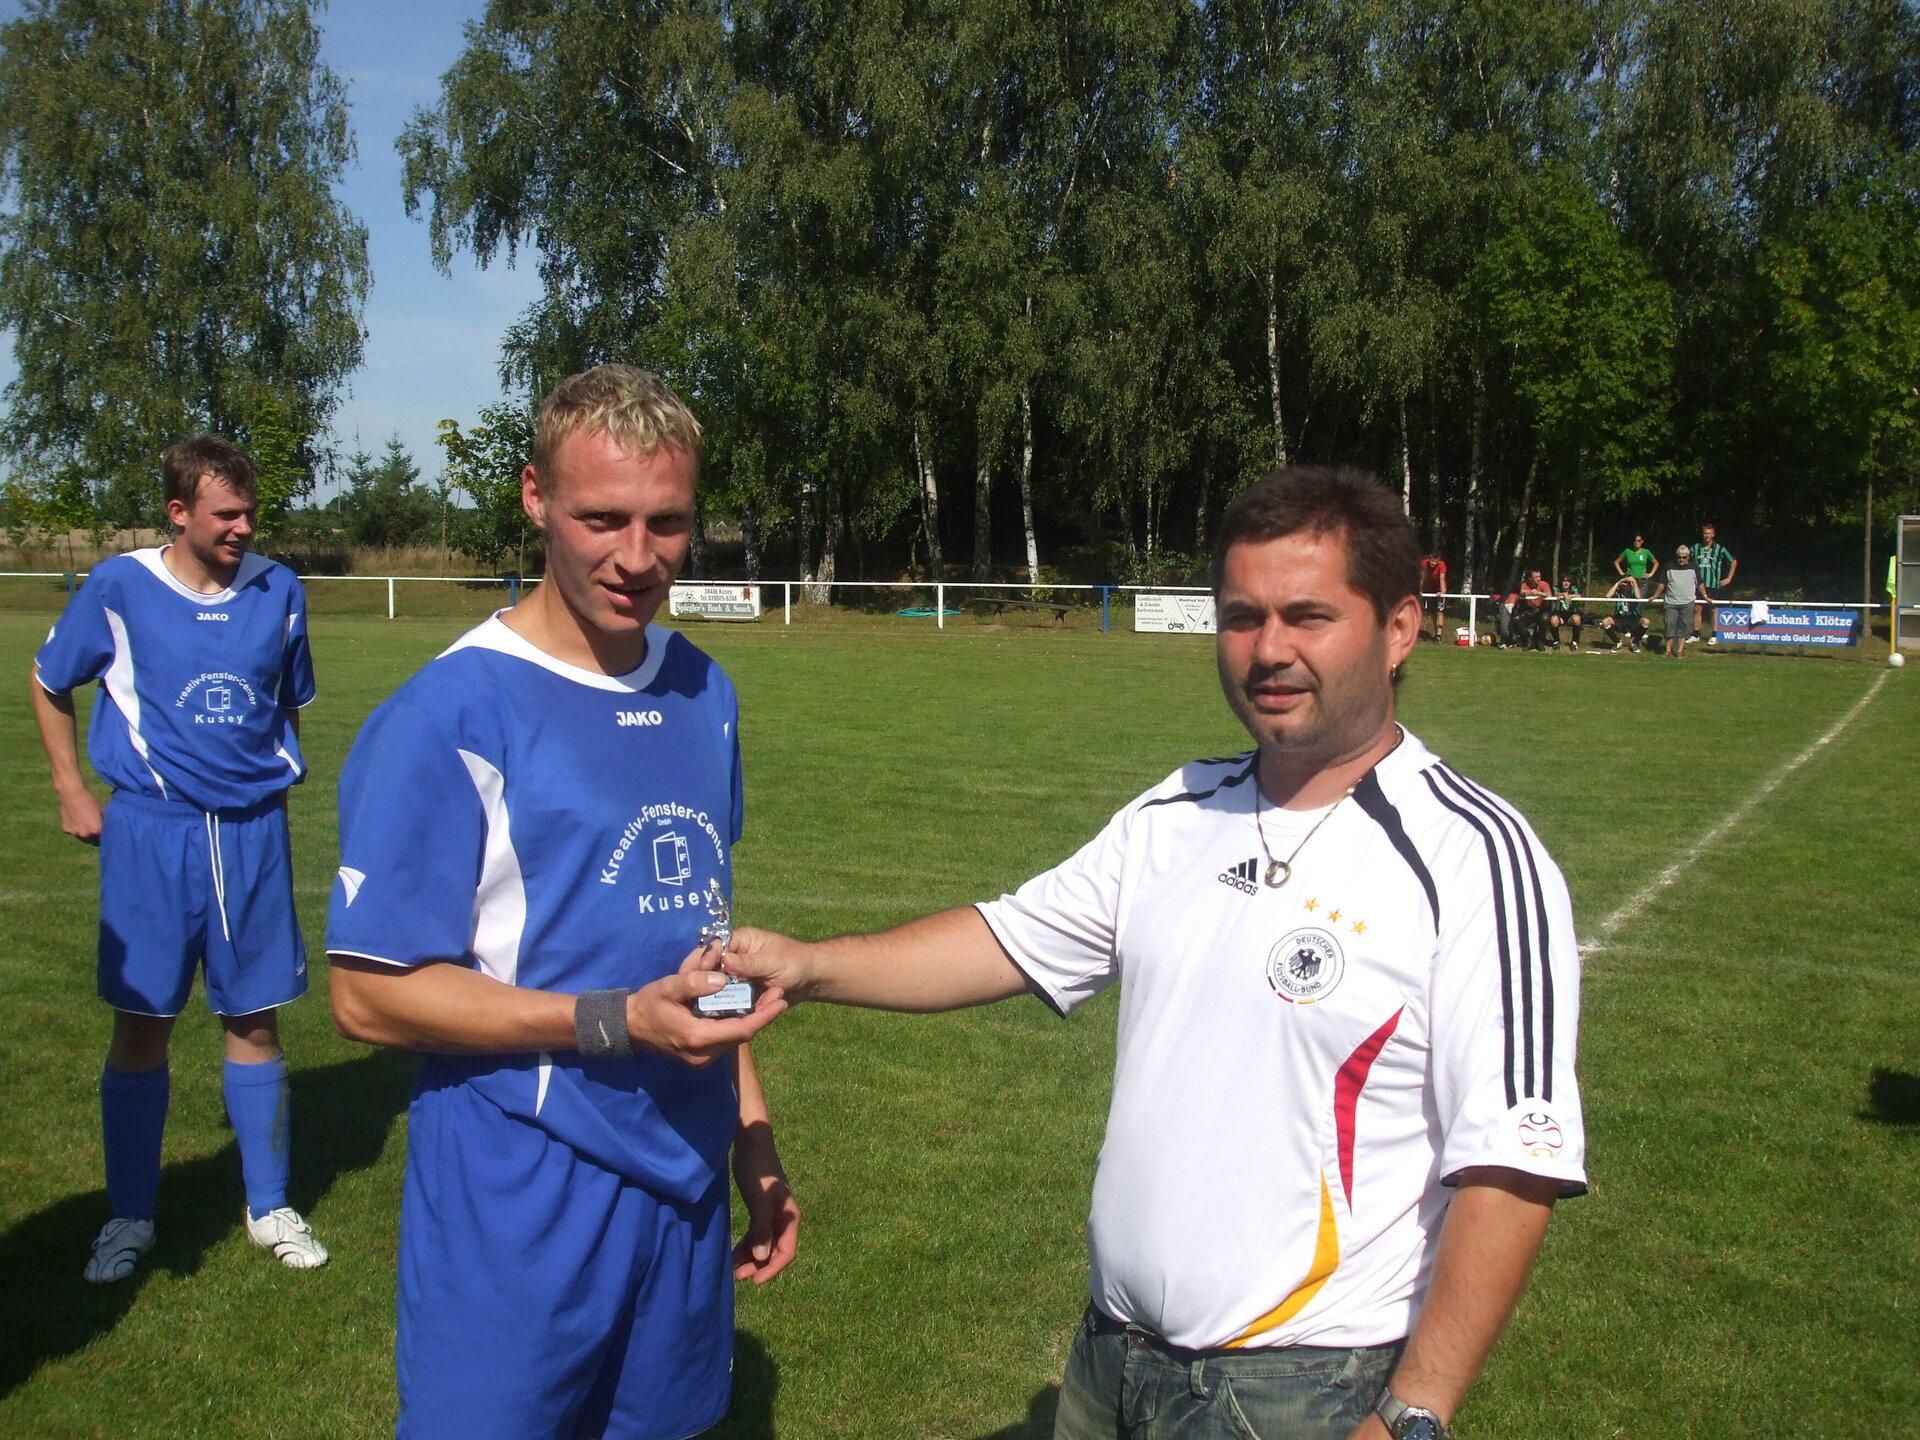 Jens Wille wird von Staffelleiter Andreas Kroggel als Torschützenkönig der Kreisliga 2007-2008 geehrt